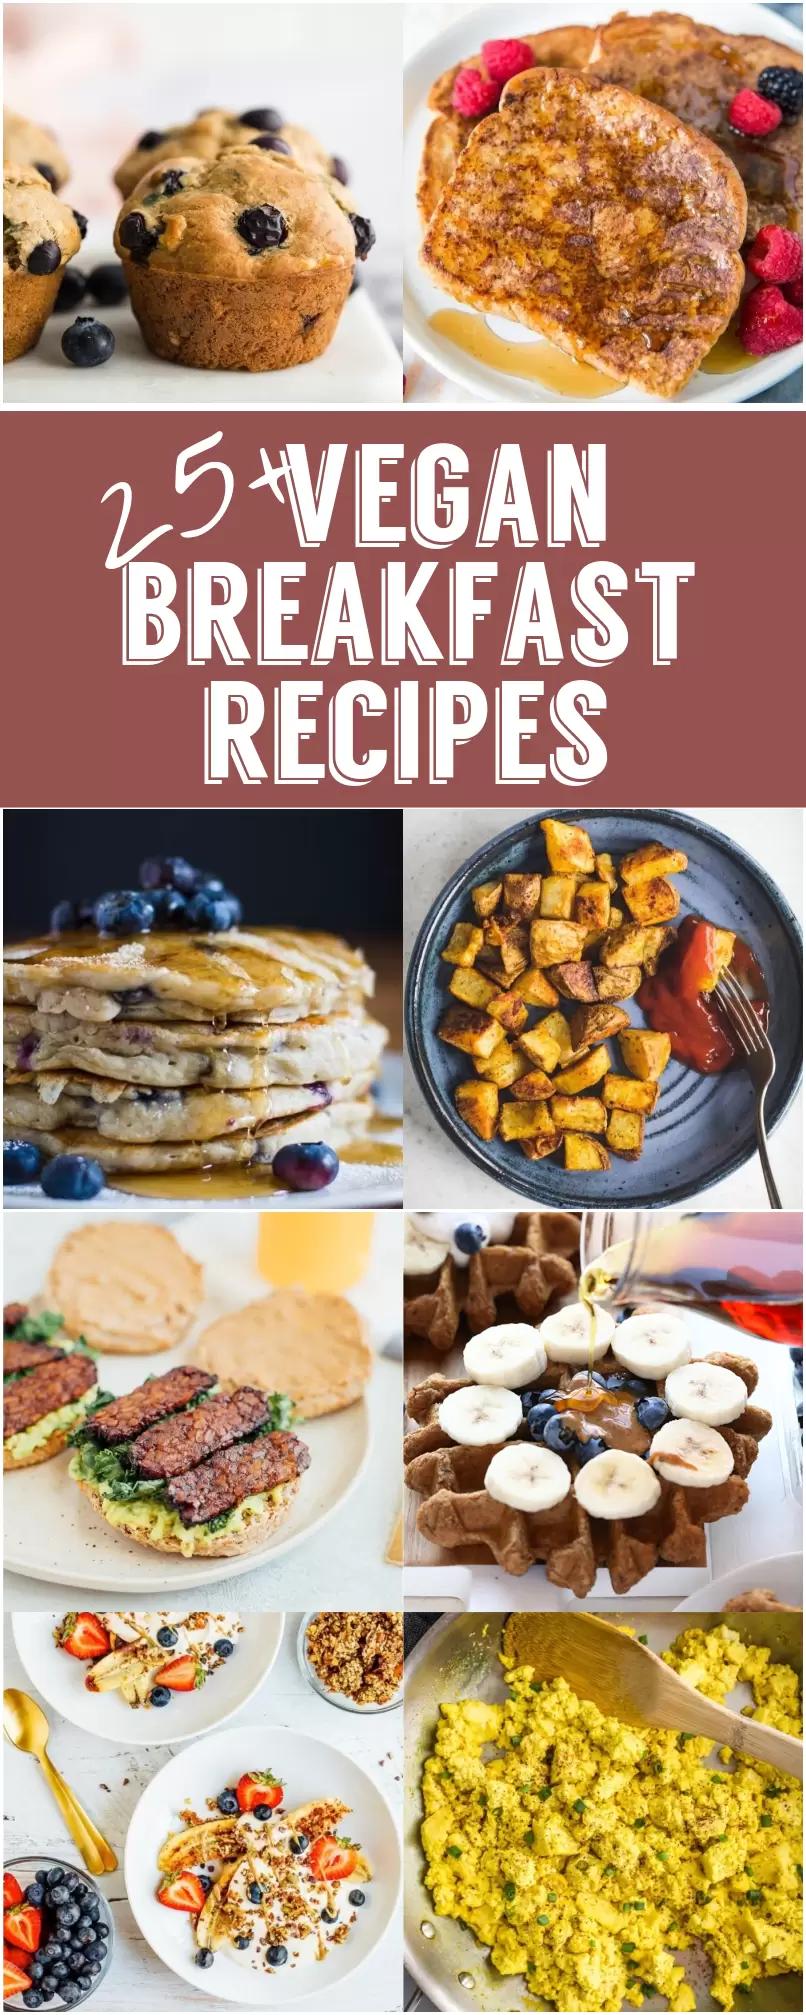 25 Delicious Vegan Breakfast Recipe Ideas Vegan Breakfast Recipe In 2020 Vegan Breakfast Recipes Healthy Breakfast Recipes Vegan Brunch Recipes